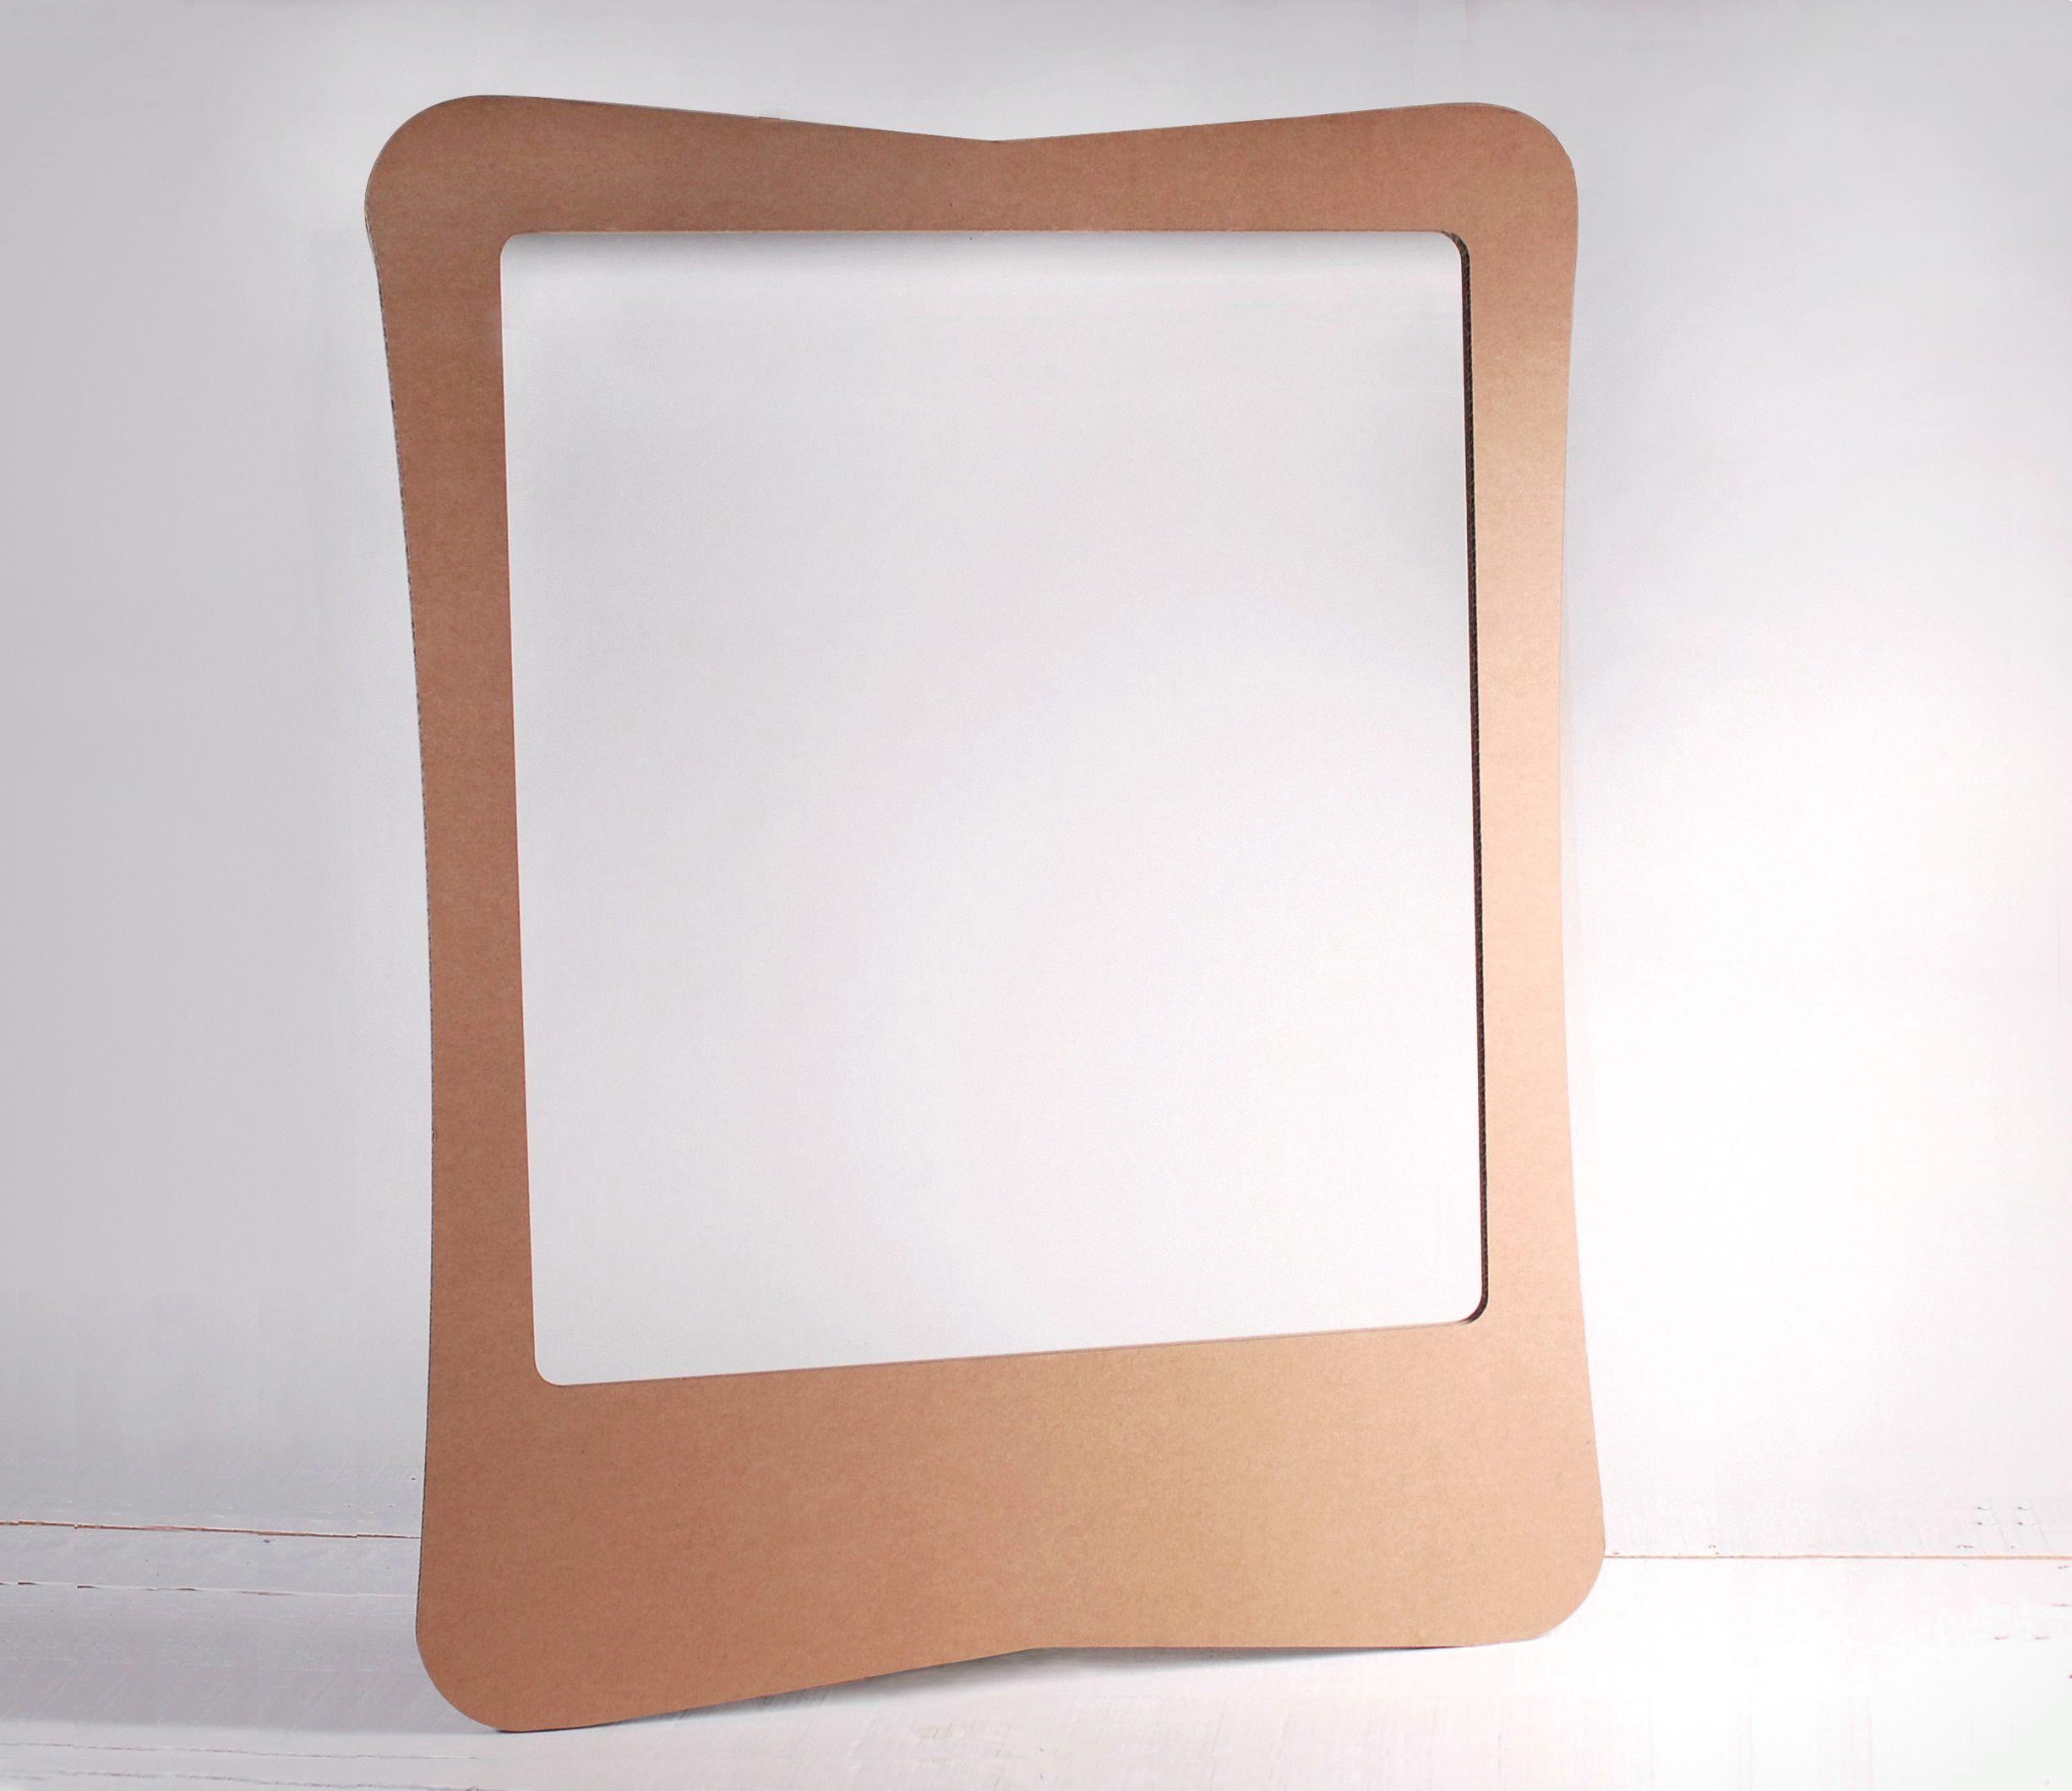 Photocall de cartón con atrezzo - SelfPackaging